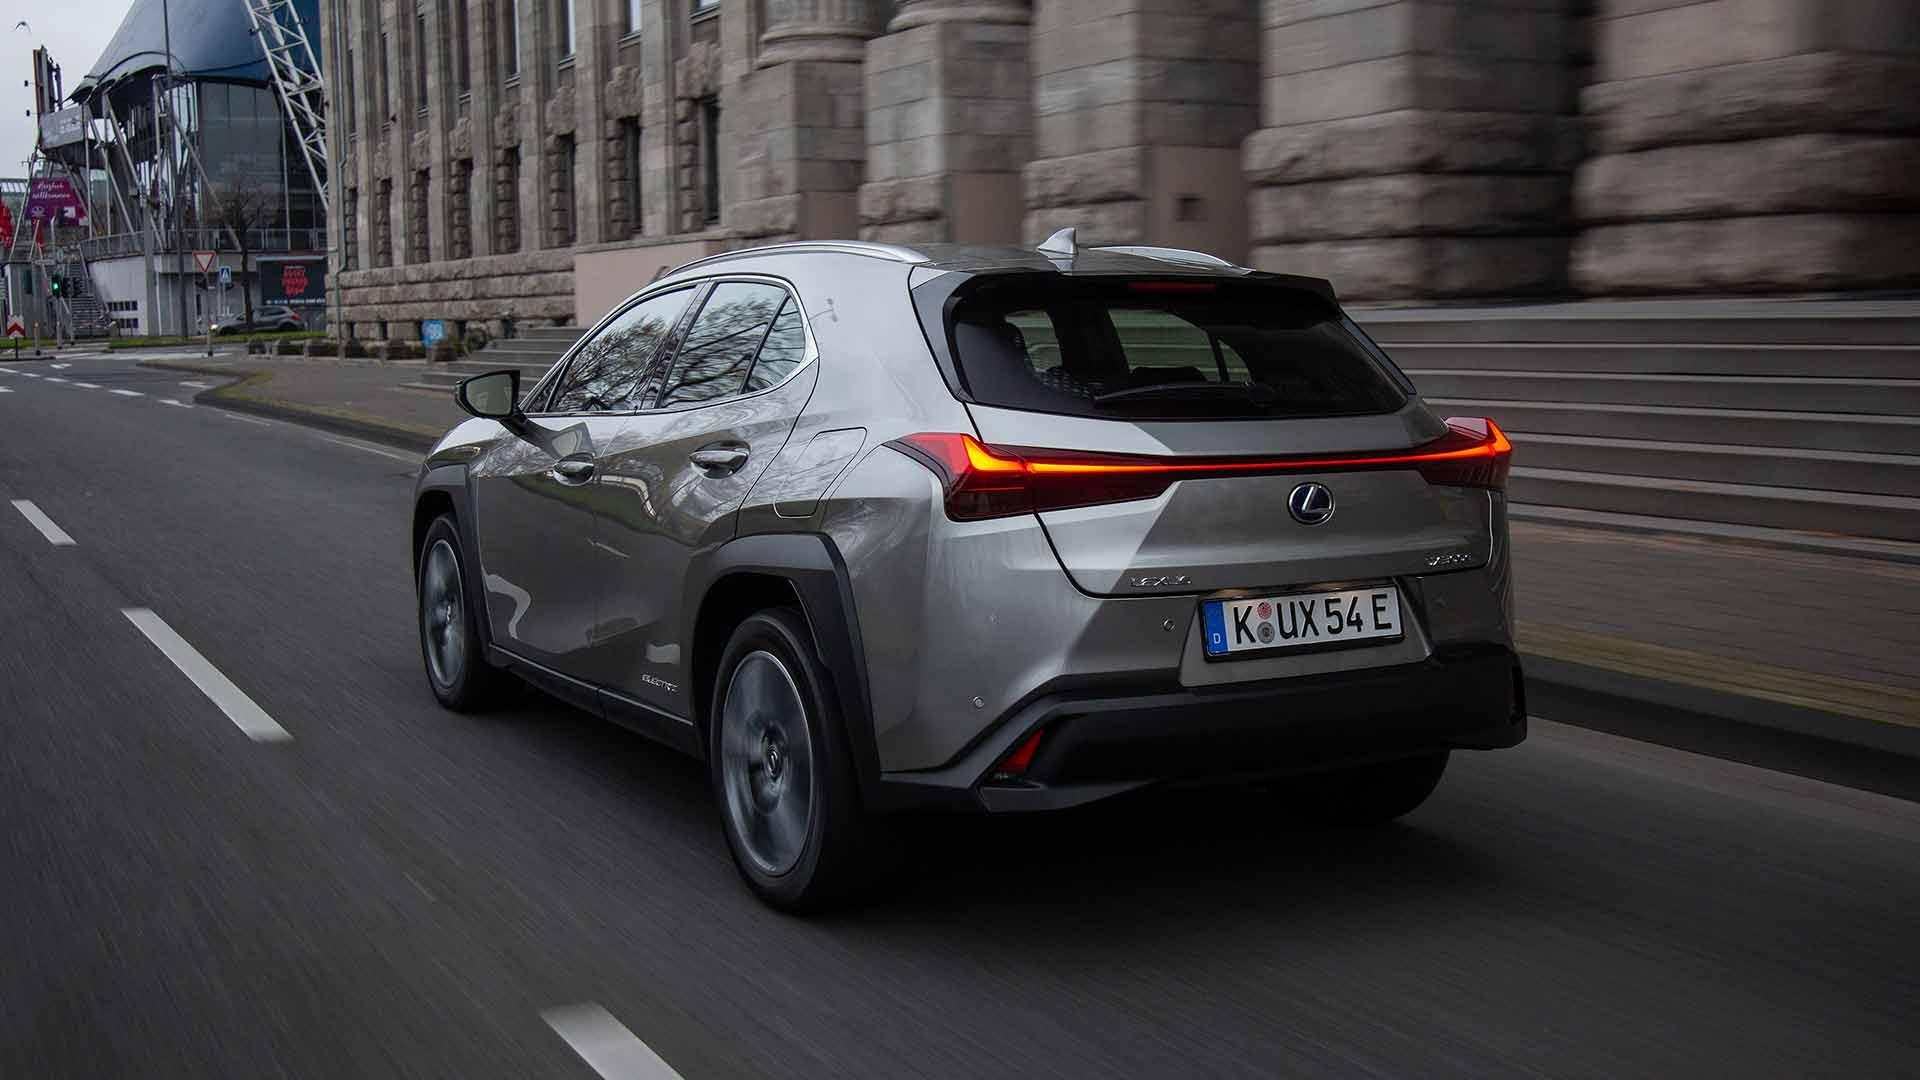 Lexus UX300e Deutschlandpremiere Galleryitem 5 1920x1080px